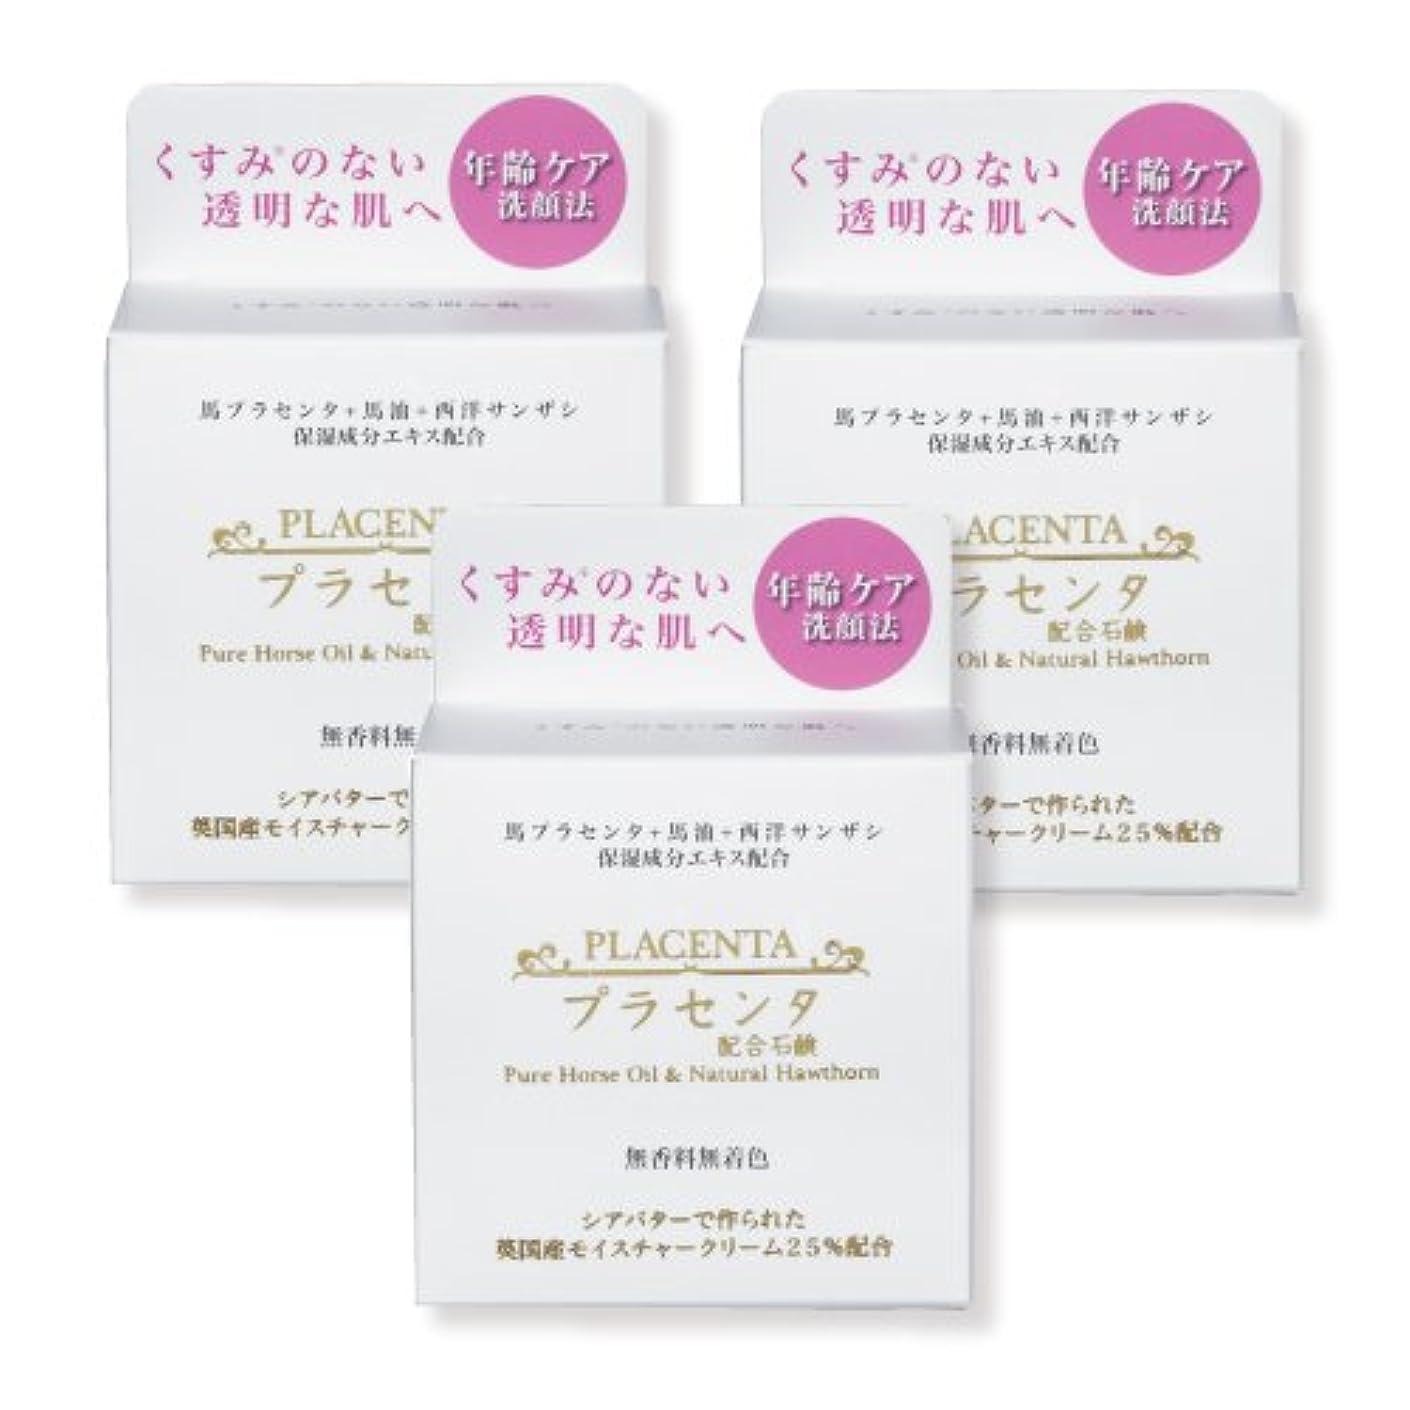 スキップ起きている知らせる【3個セット割】プラセンタ+馬油+西洋サンザシ配合石鹸 抗糖化を目指した年齢ケア洗顔